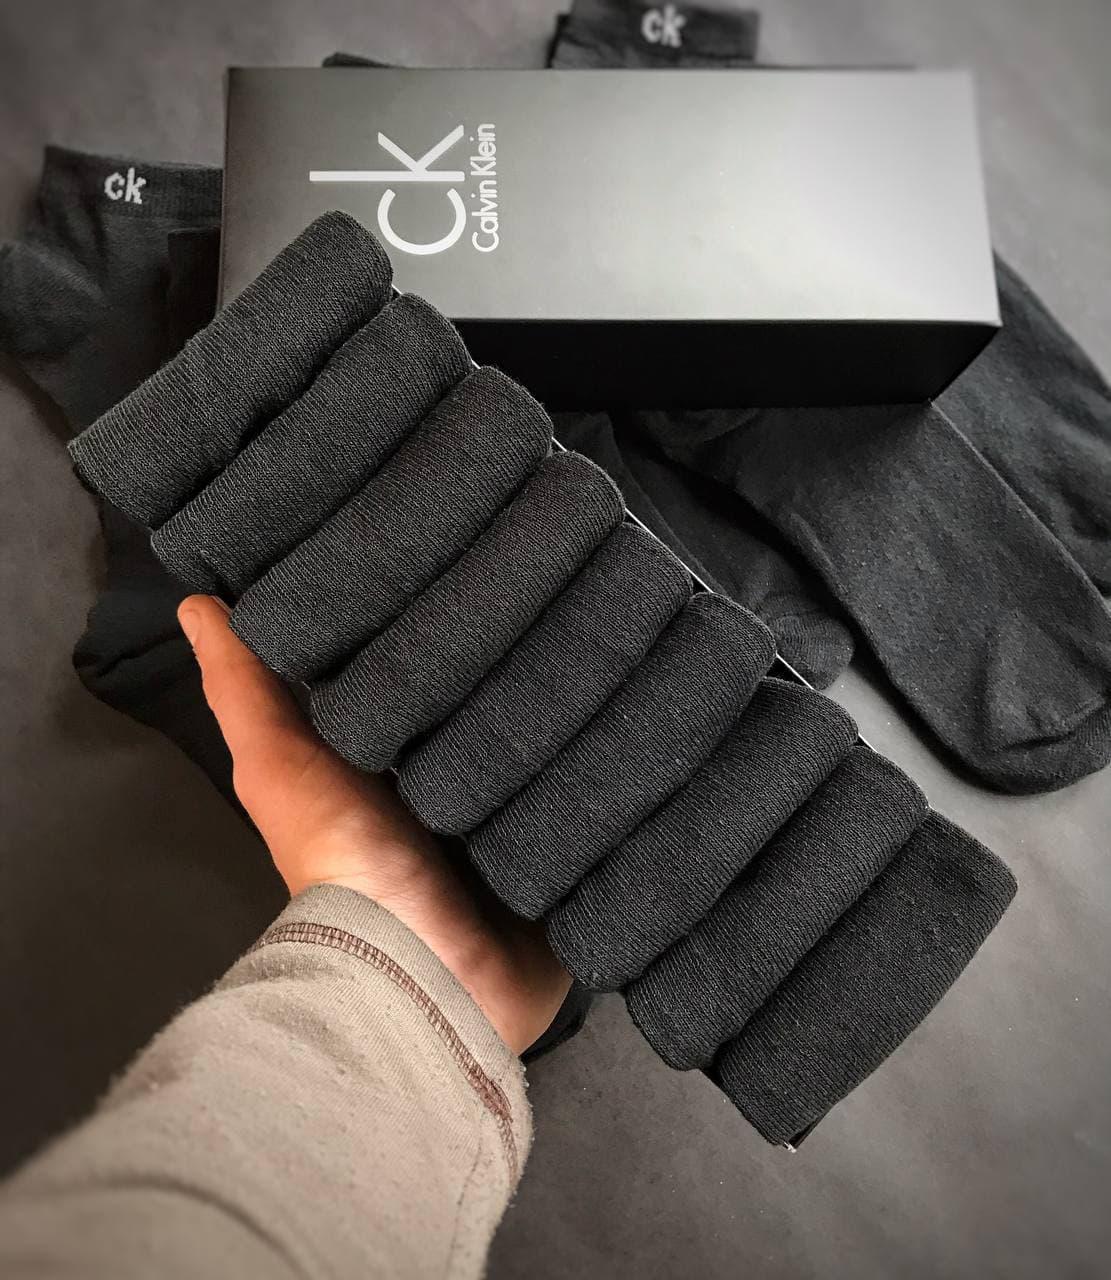 Набір коротких чоловічих шкарпеток Calvin Klein 9 пар чорних в подарунковій упаковці!